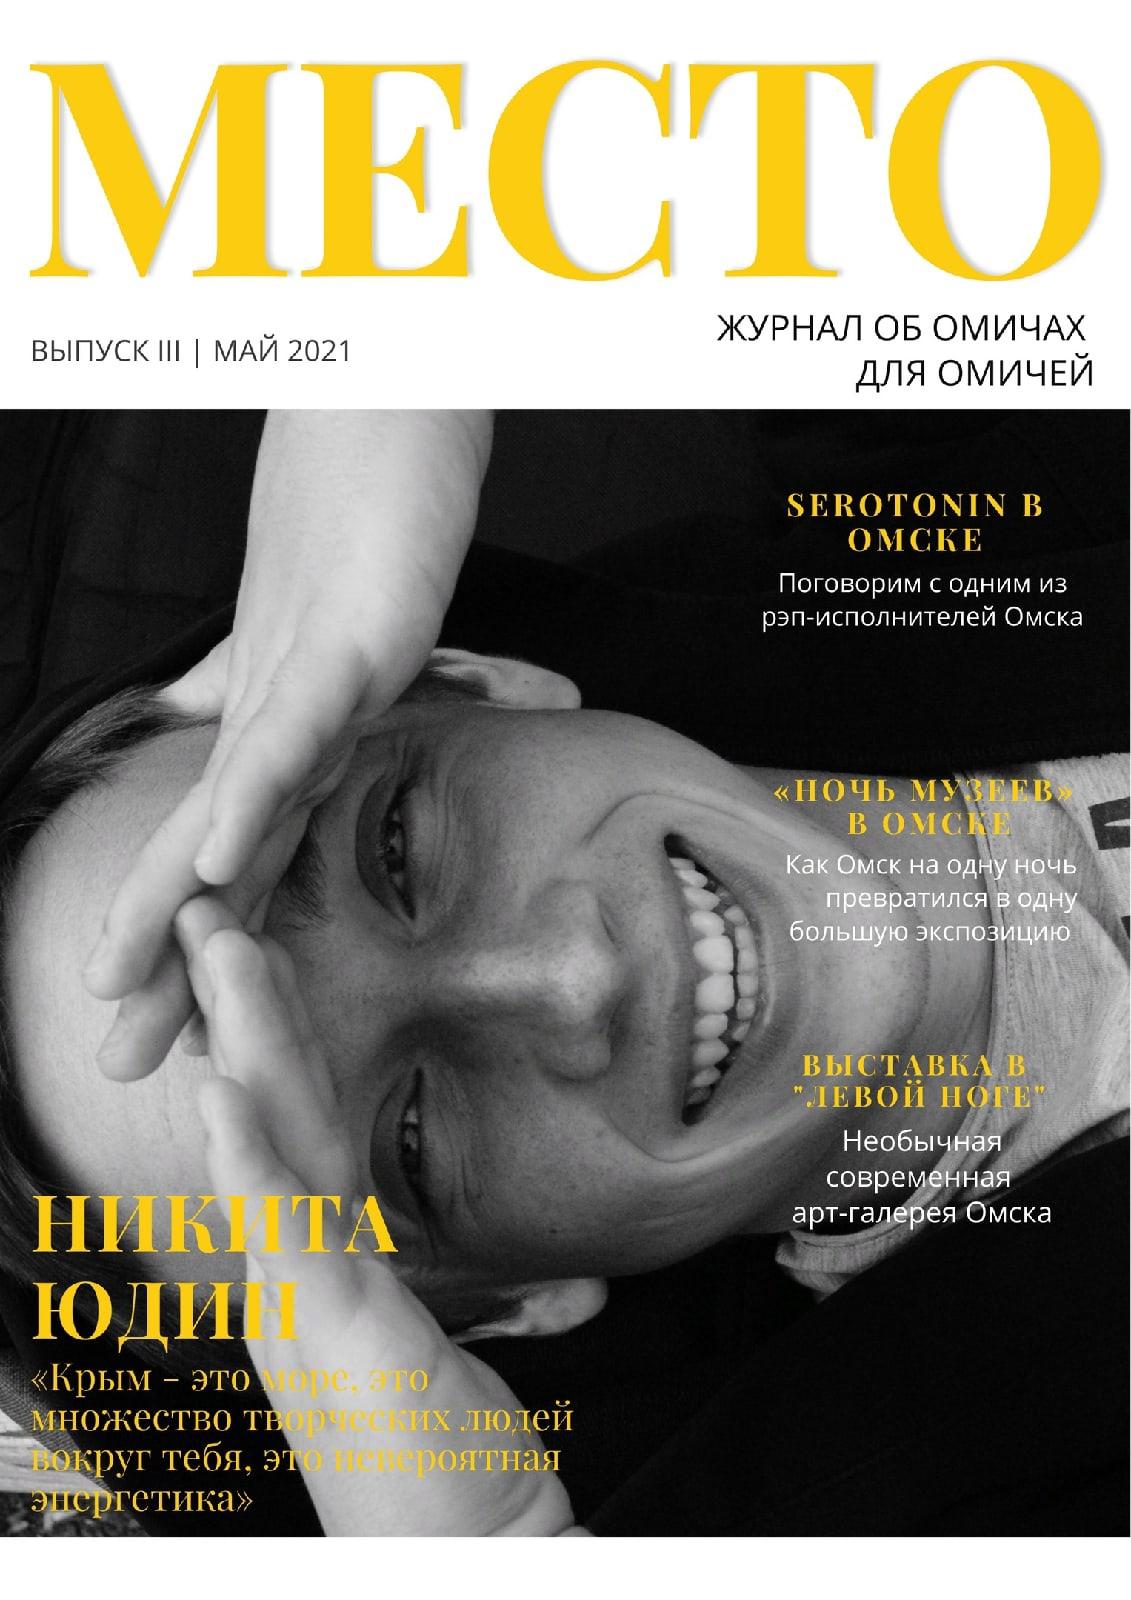 Майский выпуск молодежного журнала «МЕСТО»